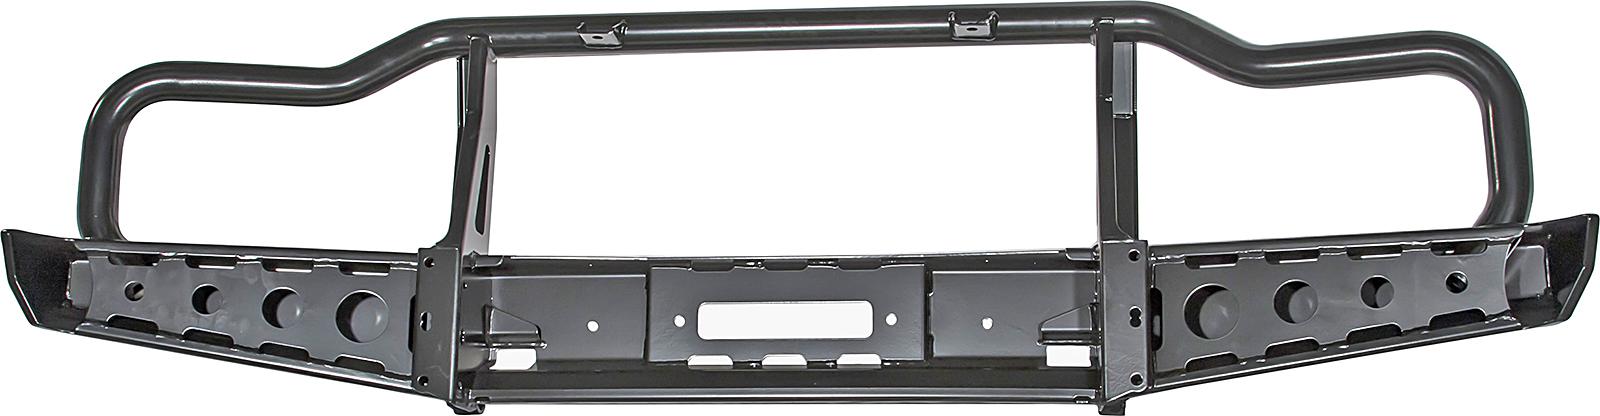 Бампер РИФ передний УАЗ Буханка универсальный усиленный с низким кенгурином